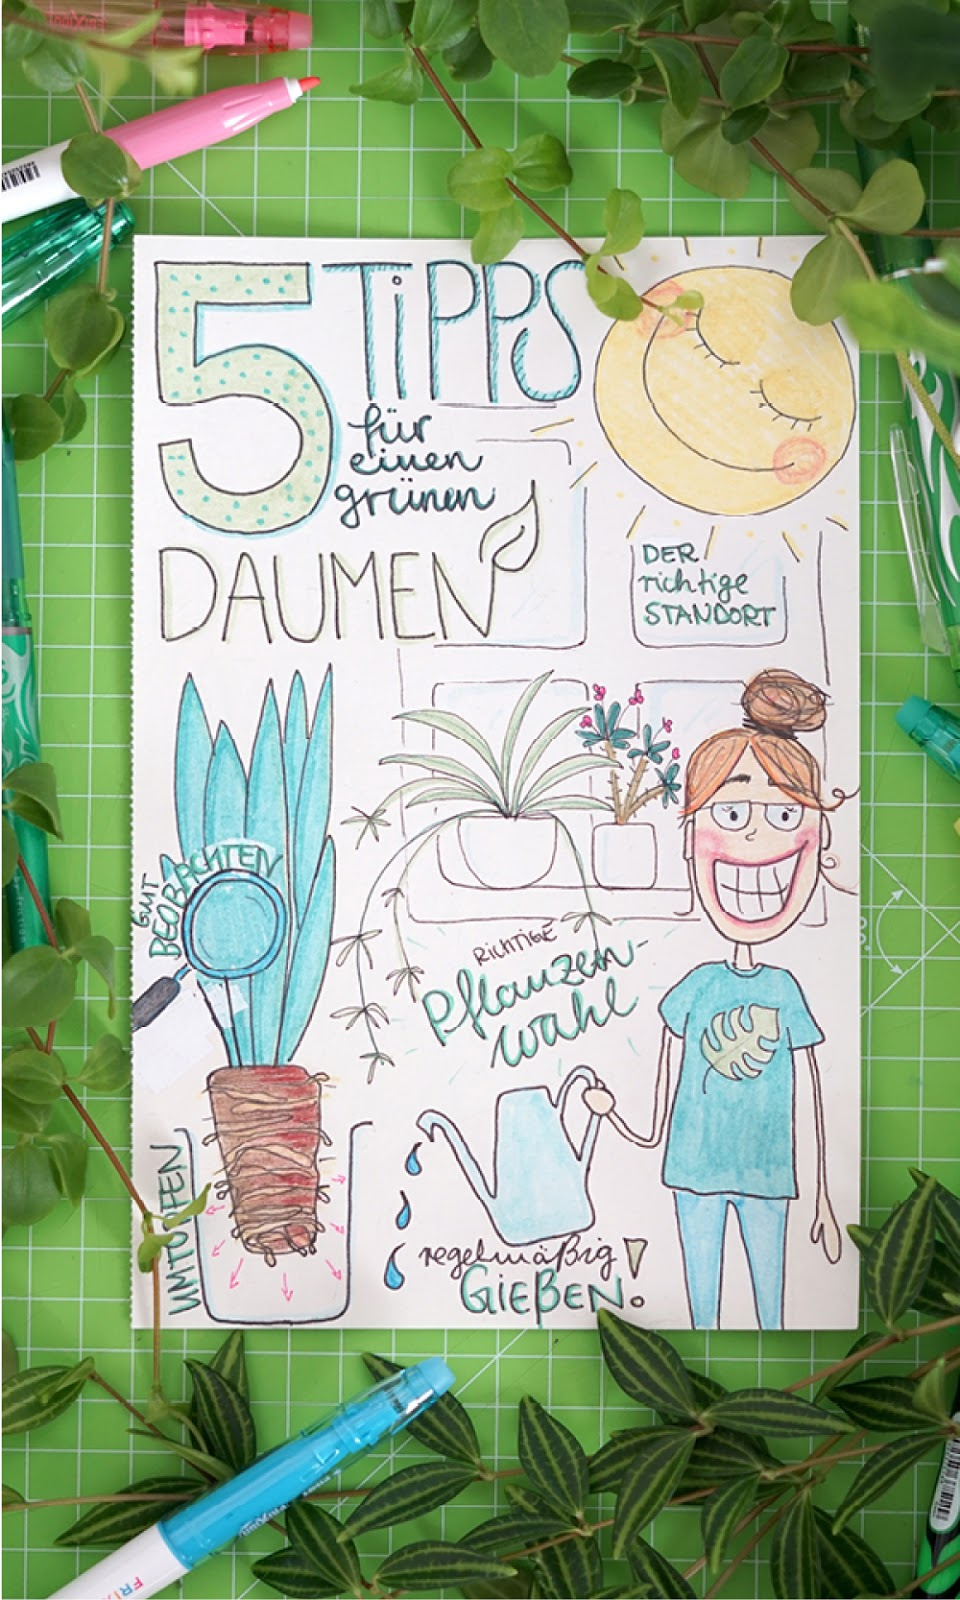 http://www.aentschiesblog.com/2017/09/5-tipps-fur-einen-grunen-daumen.html